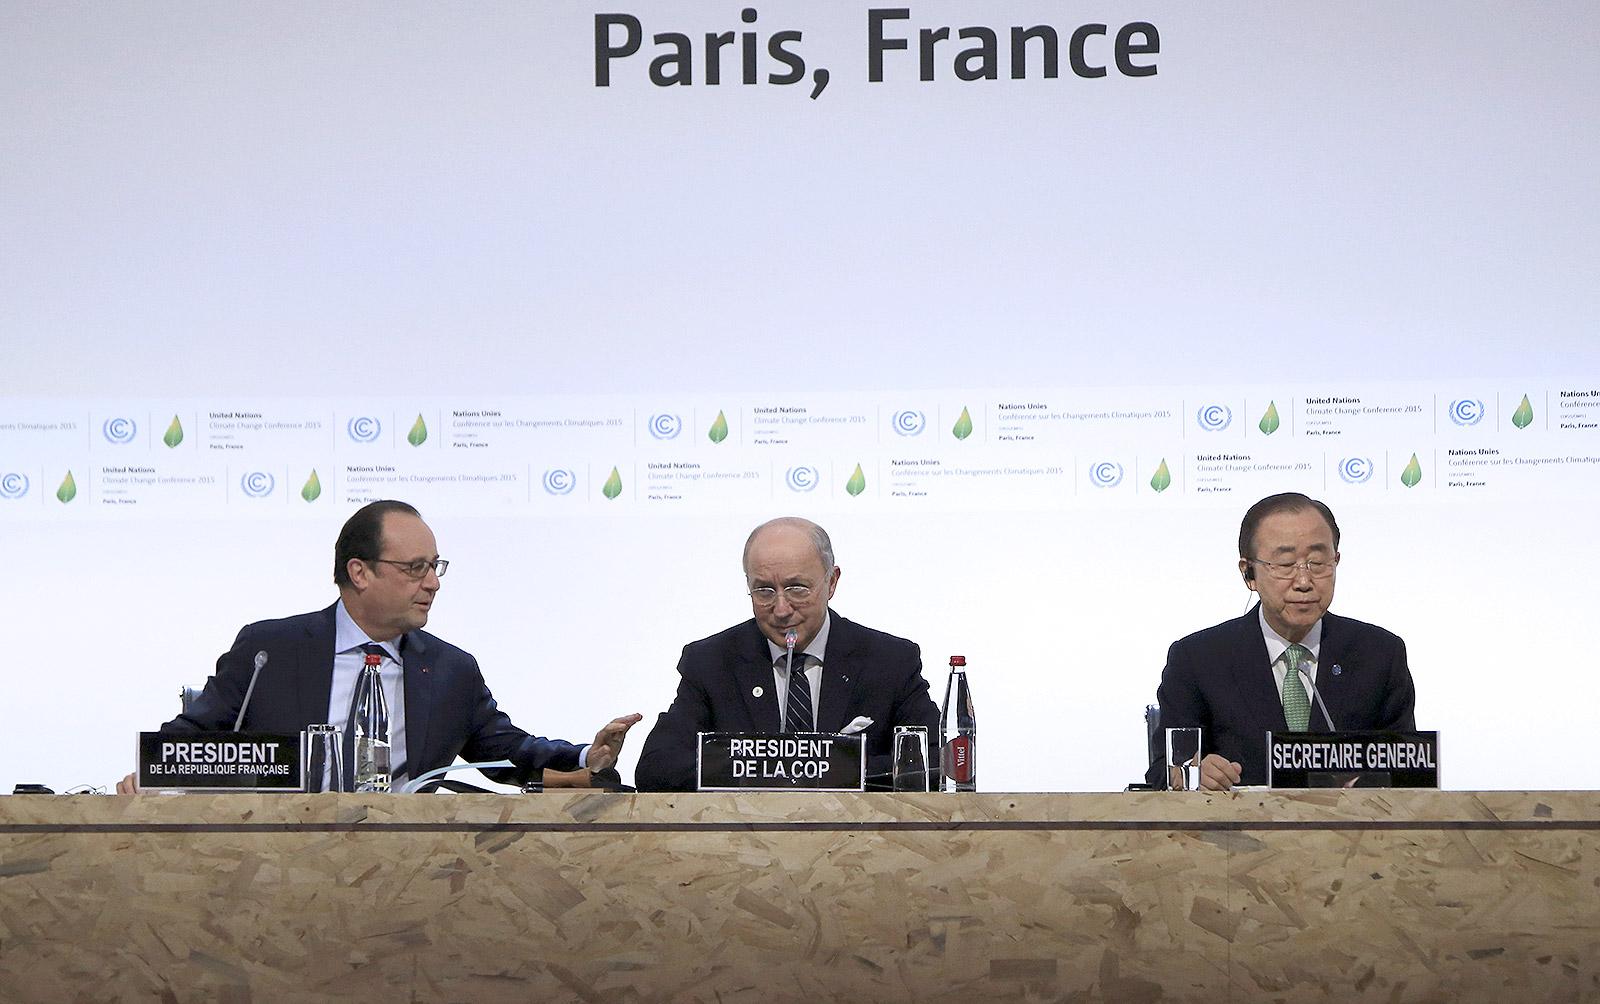 الرئيس  الفرنسي فرانسوا هولاند (يسار) ووزير الخارجية الفرنسي لوران فايبوس والامين العام للامم المتحدة بان كي مون خلال افتتاح قمة باريس للتغير المناخي (ا ف ب)